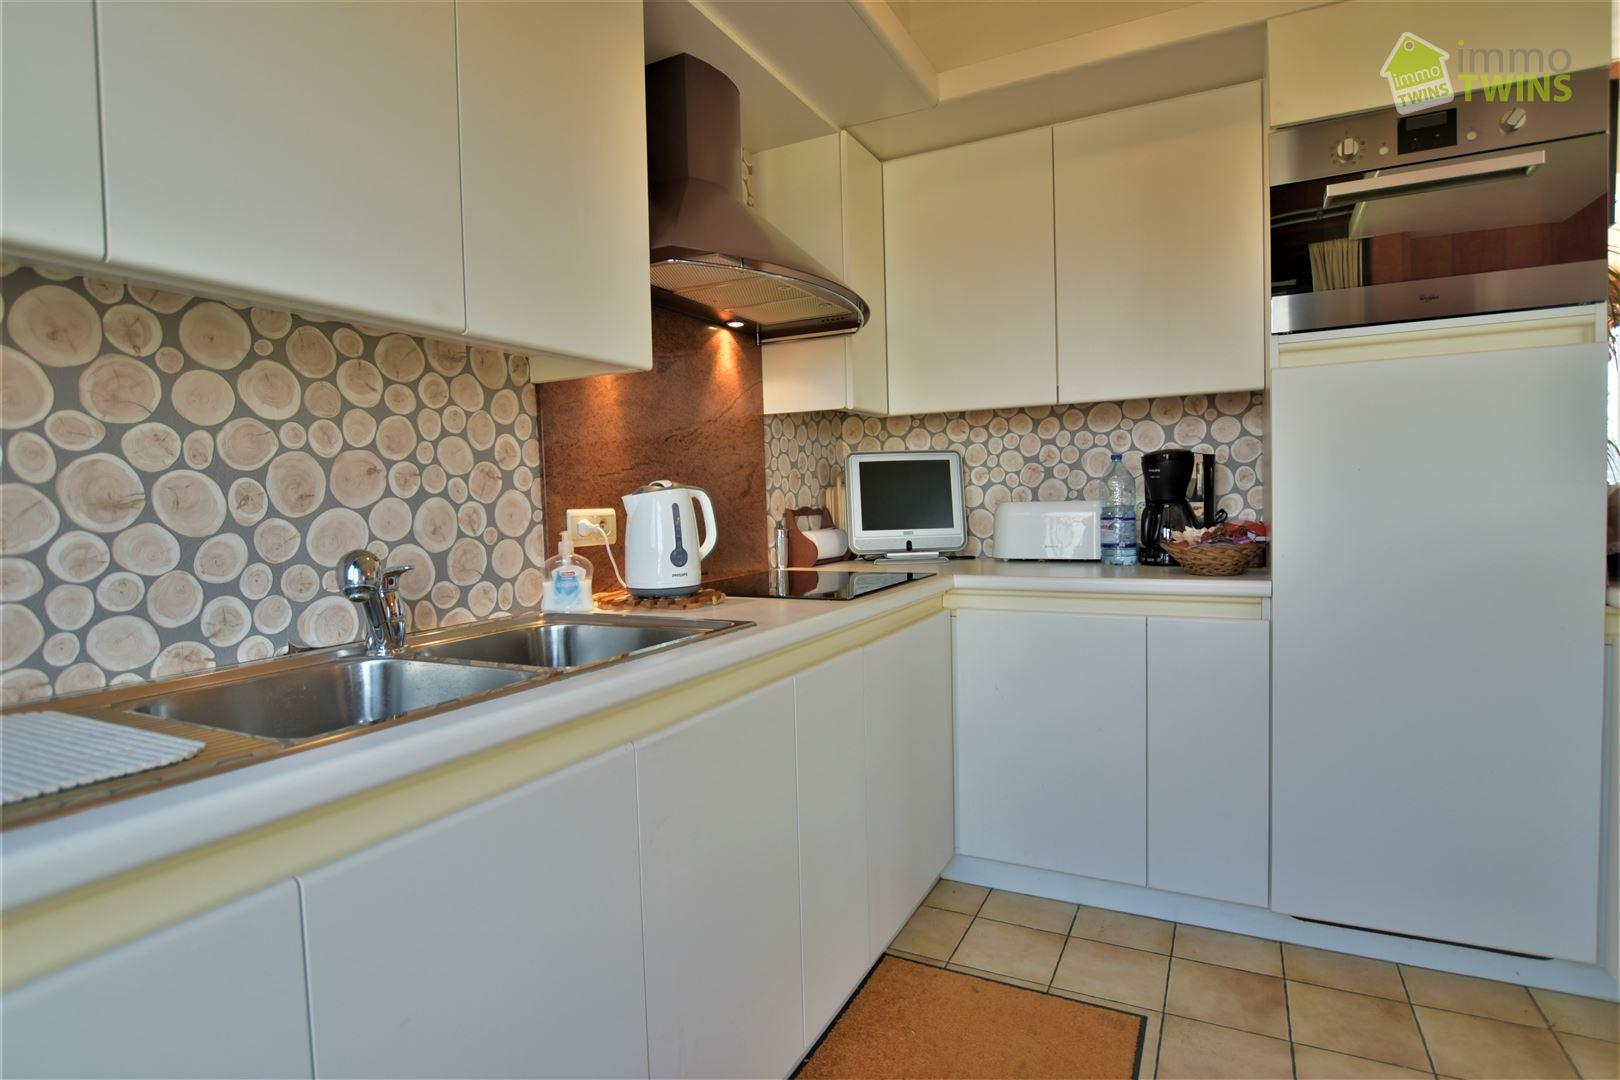 Foto 6 : Appartement te 9300 AALST (België) - Prijs € 224.000